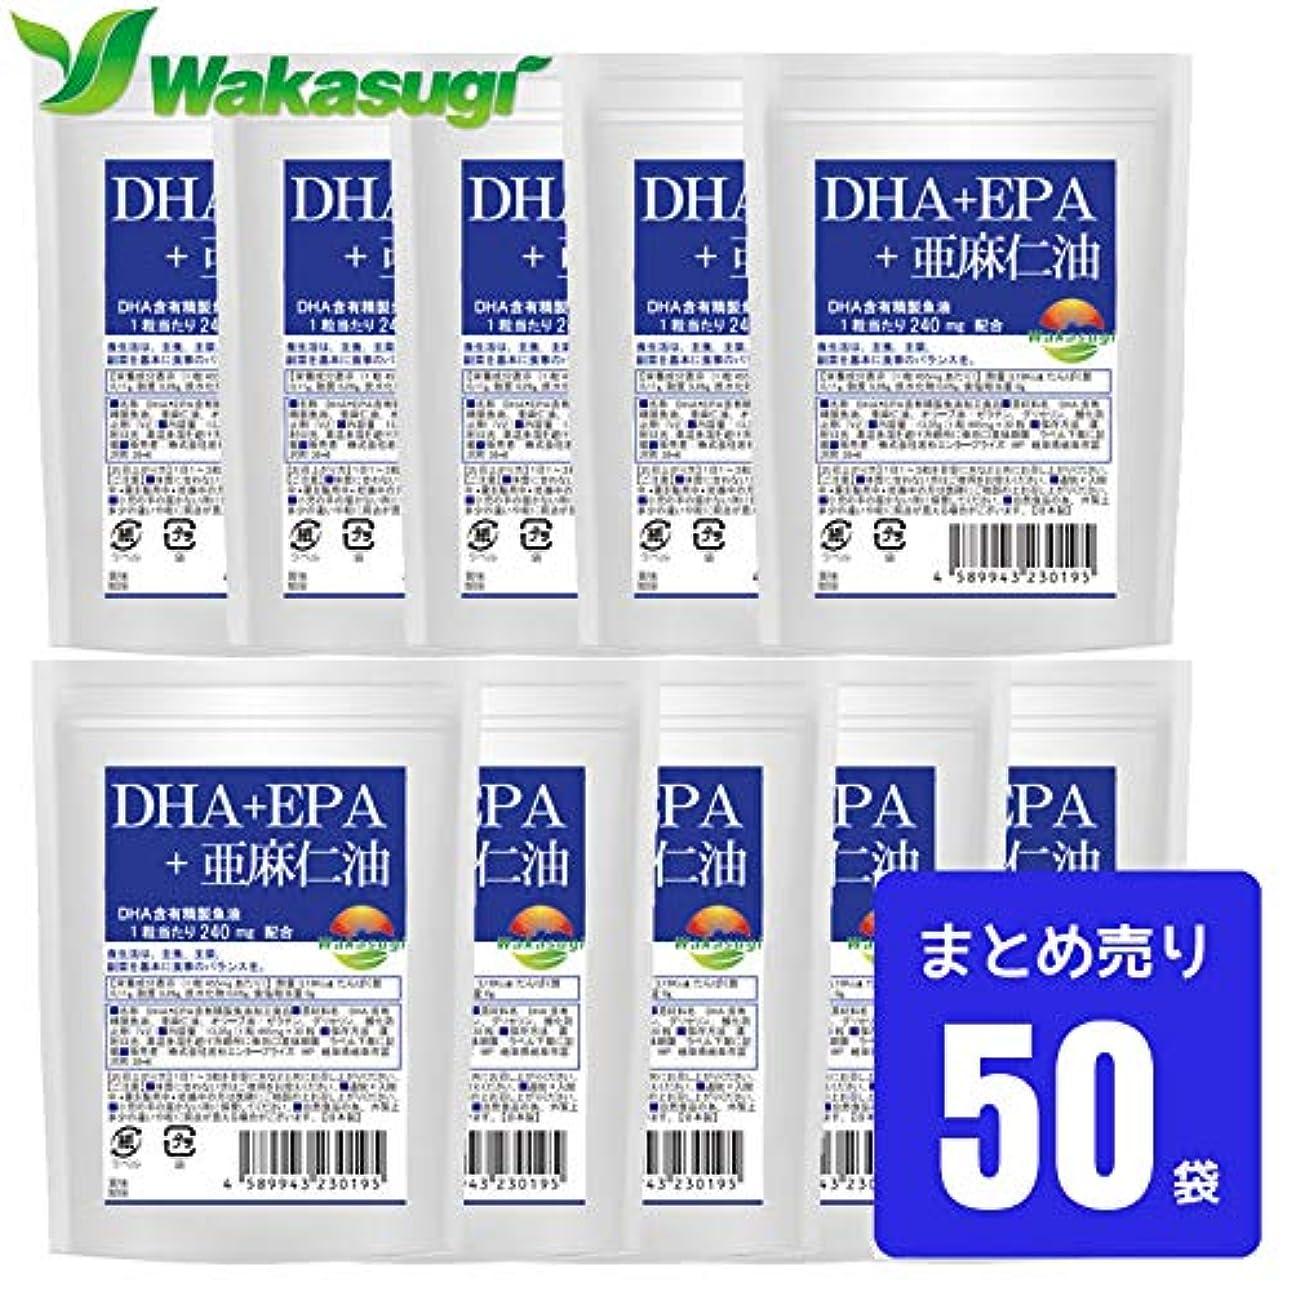 温室続編上昇DHA+EPA+亜麻仁油 ソフトカプセル30粒 50袋 合計1,500粒 まとめ売り